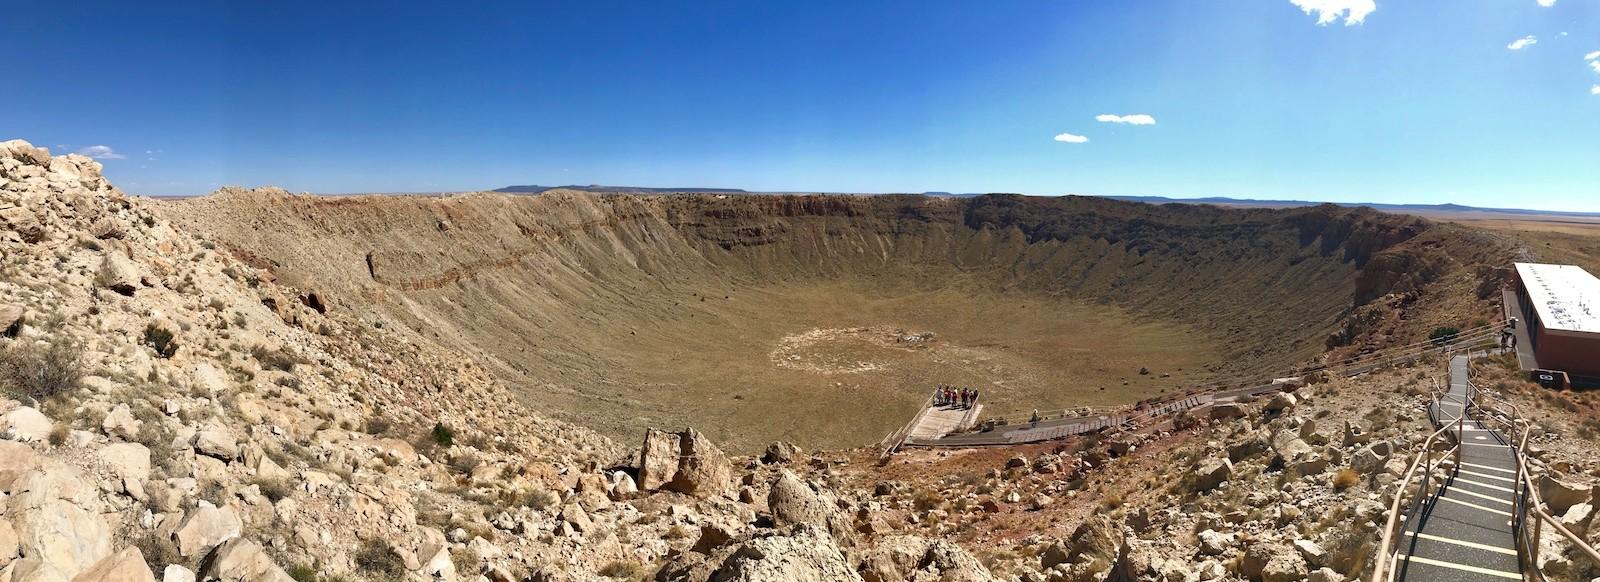 krater_1.jpg